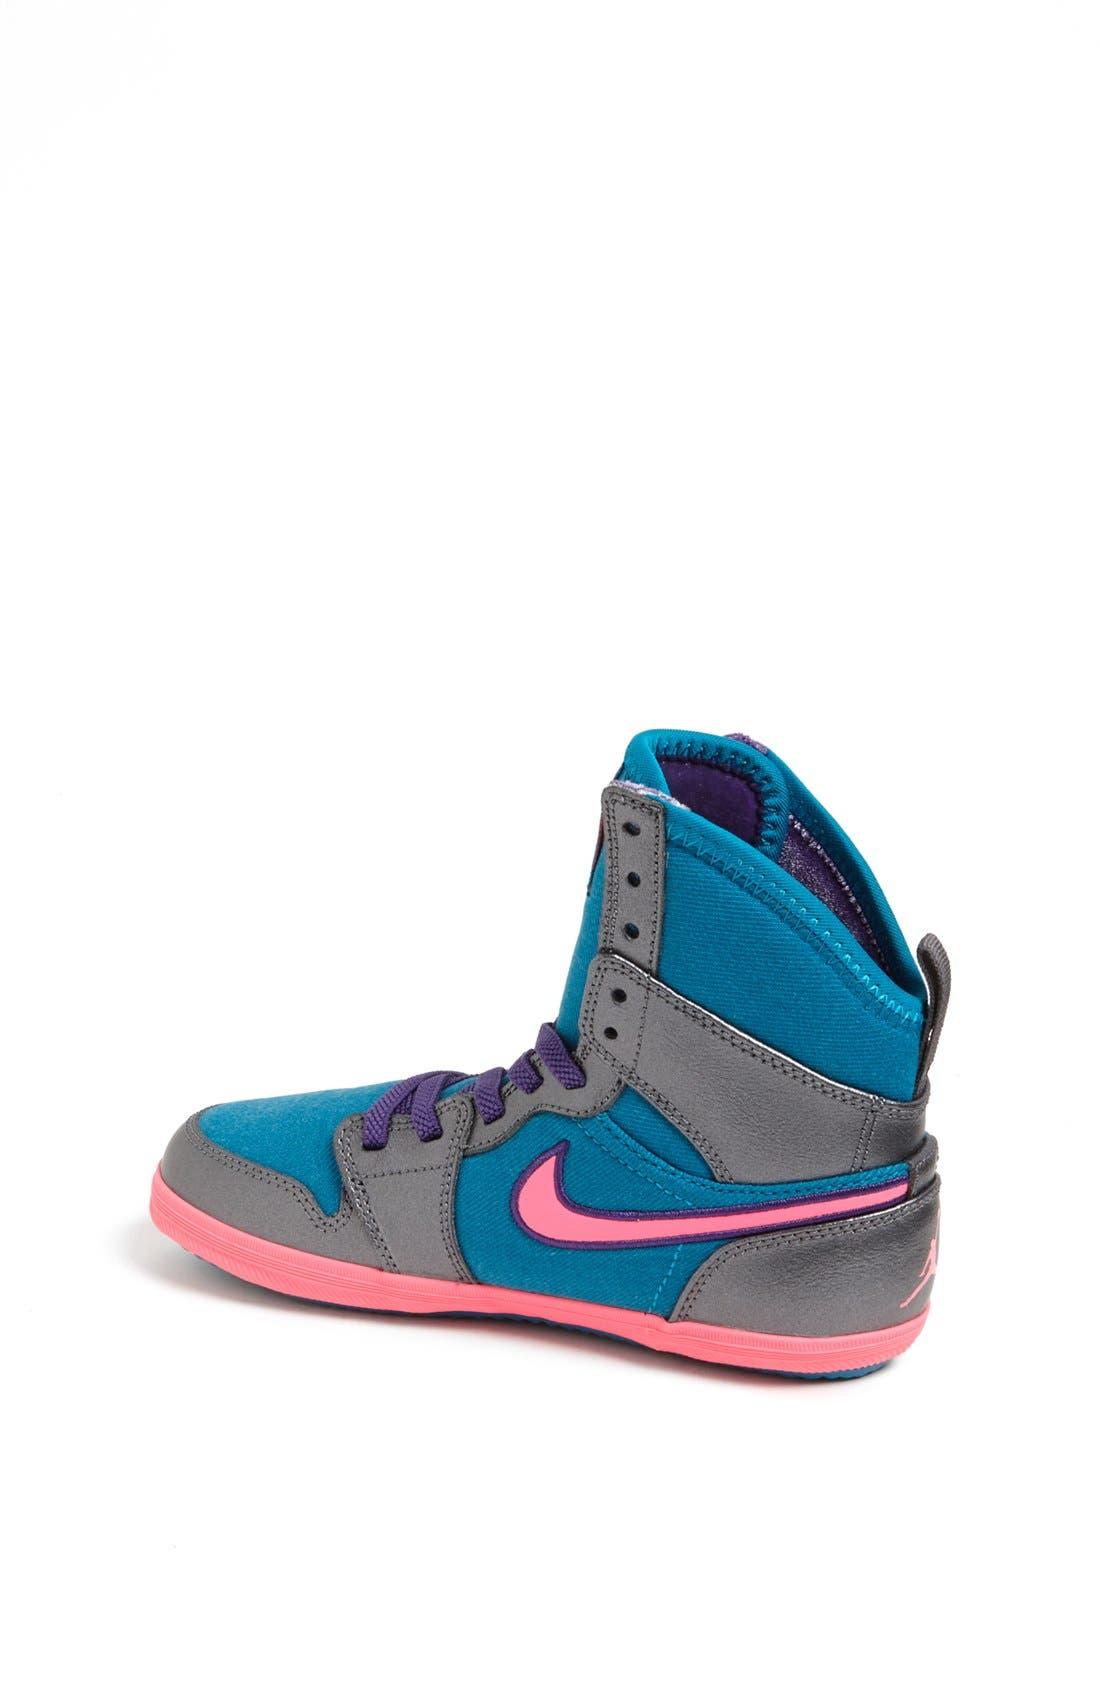 Alternate Image 2  - Nike 'Jordan 1 Skinny High' Sneaker (Toddler & Little Kid)